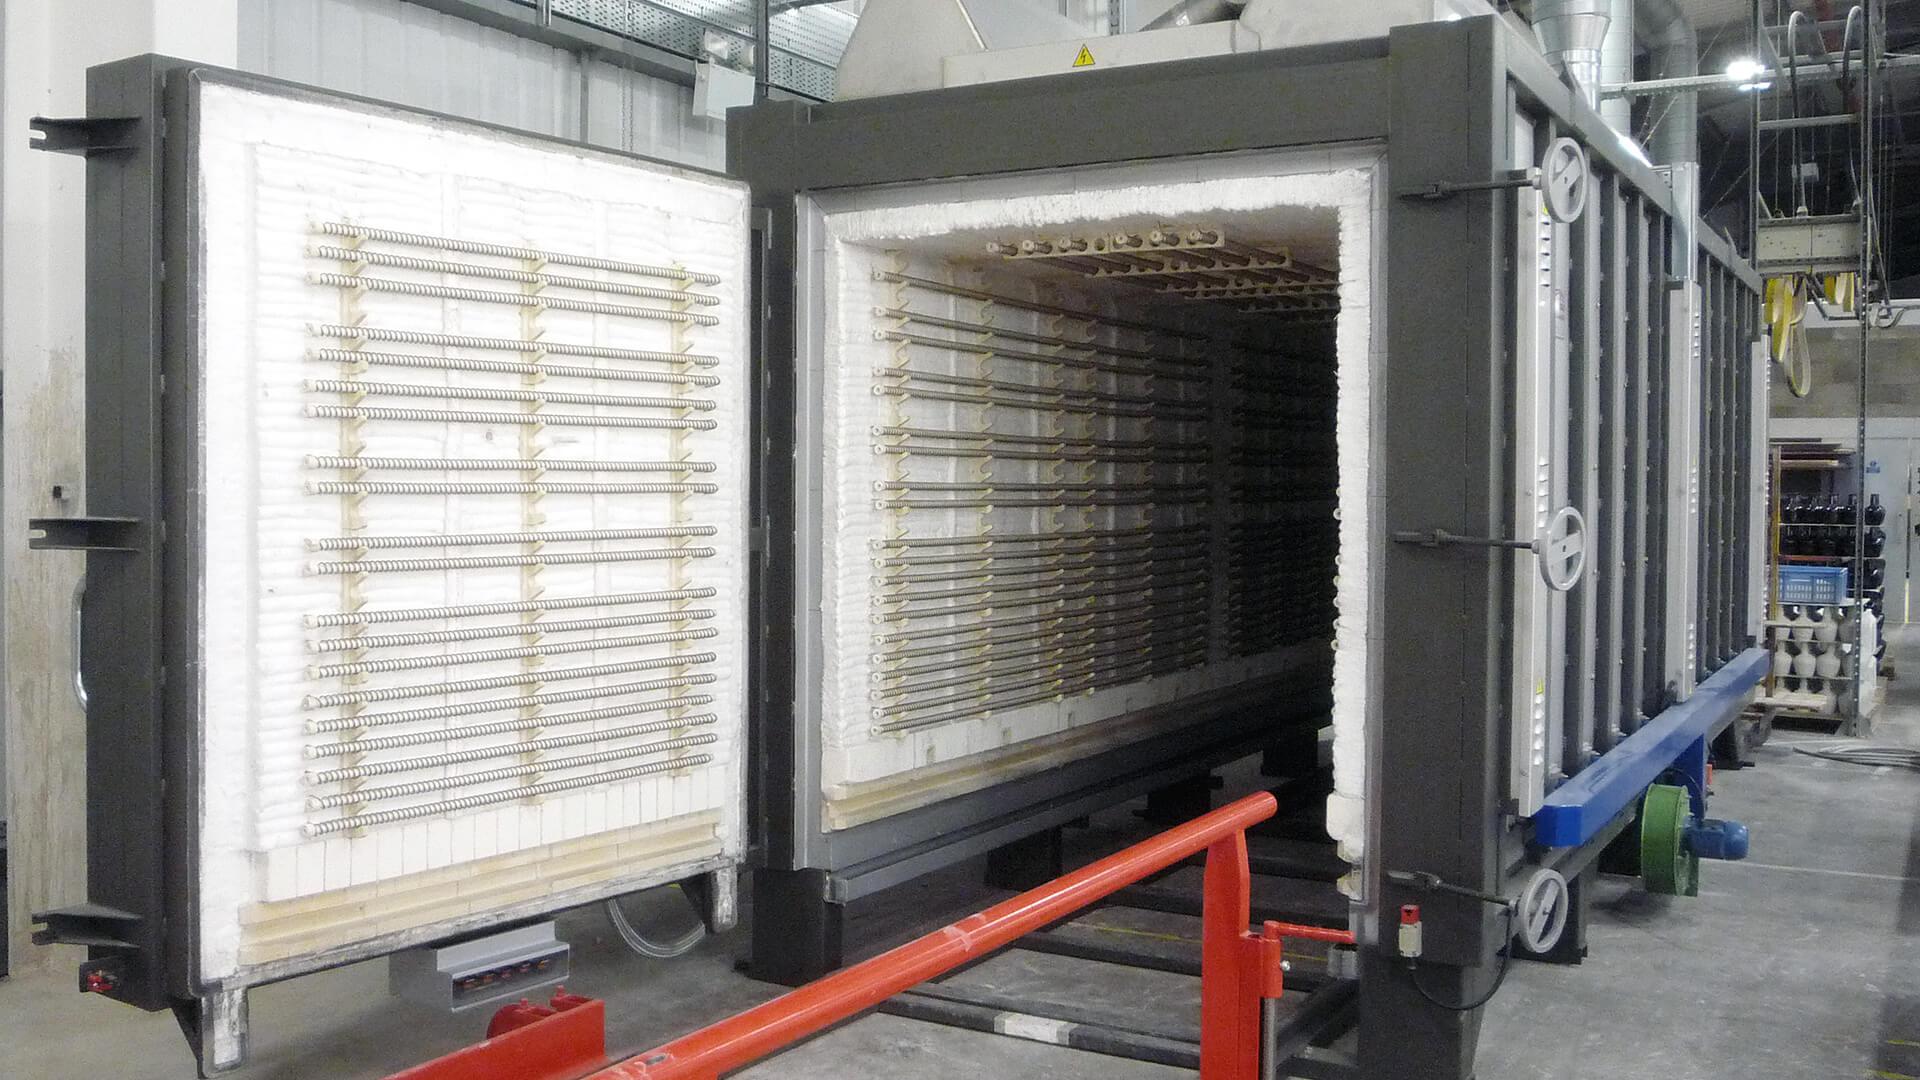 Forno industriale per Forno elettrico a carri su binario | Pagnotta Termomeccanica